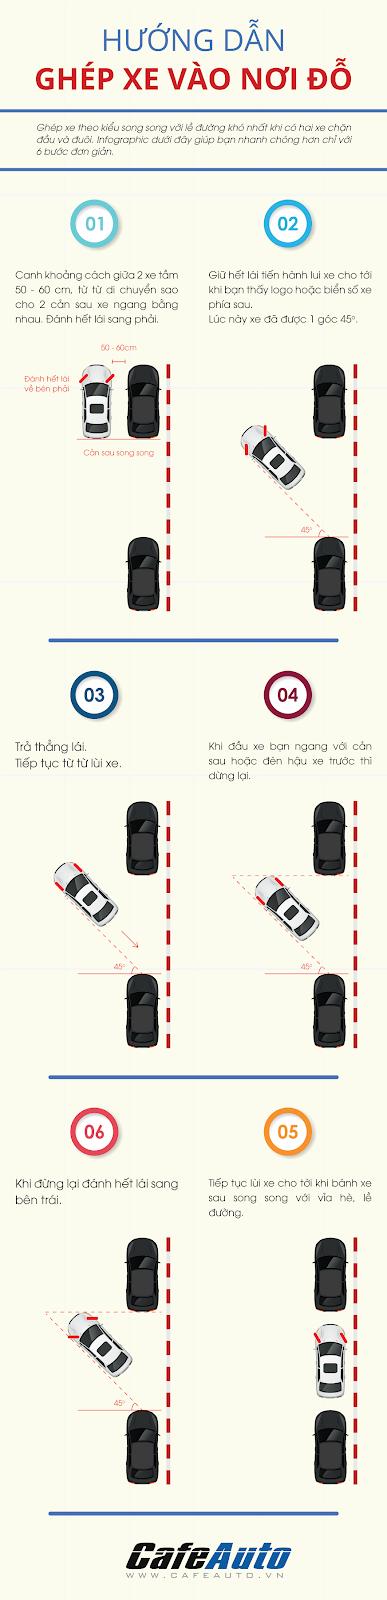 [Infographic] Hướng dẫn ghép xe song song